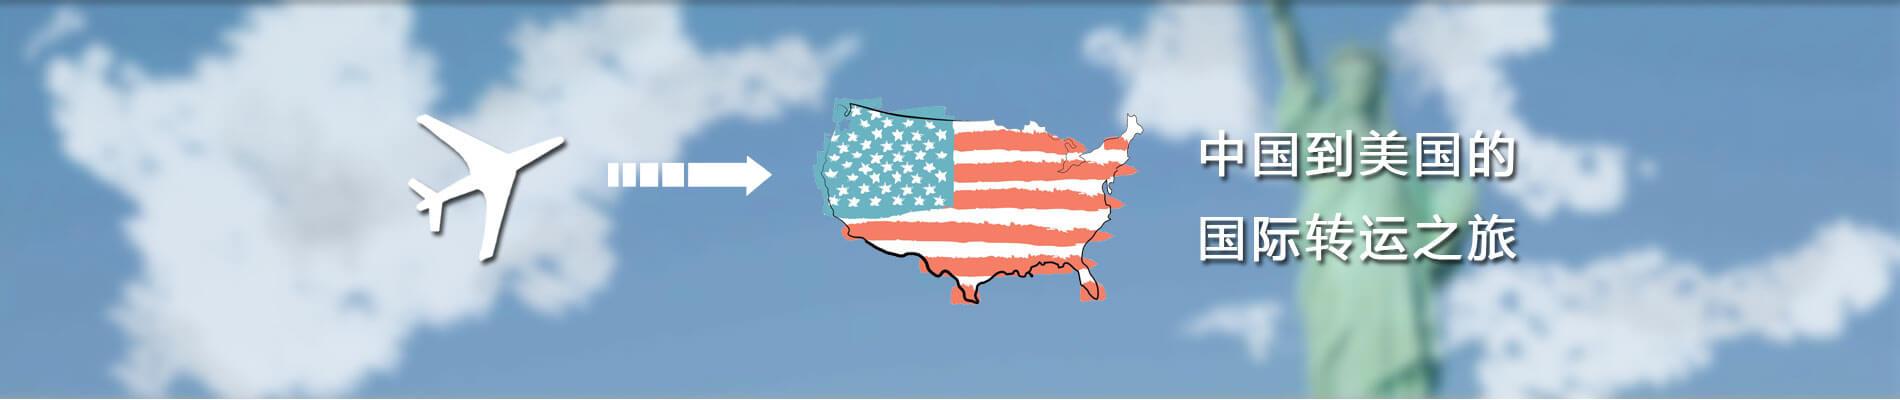 美国专题banner